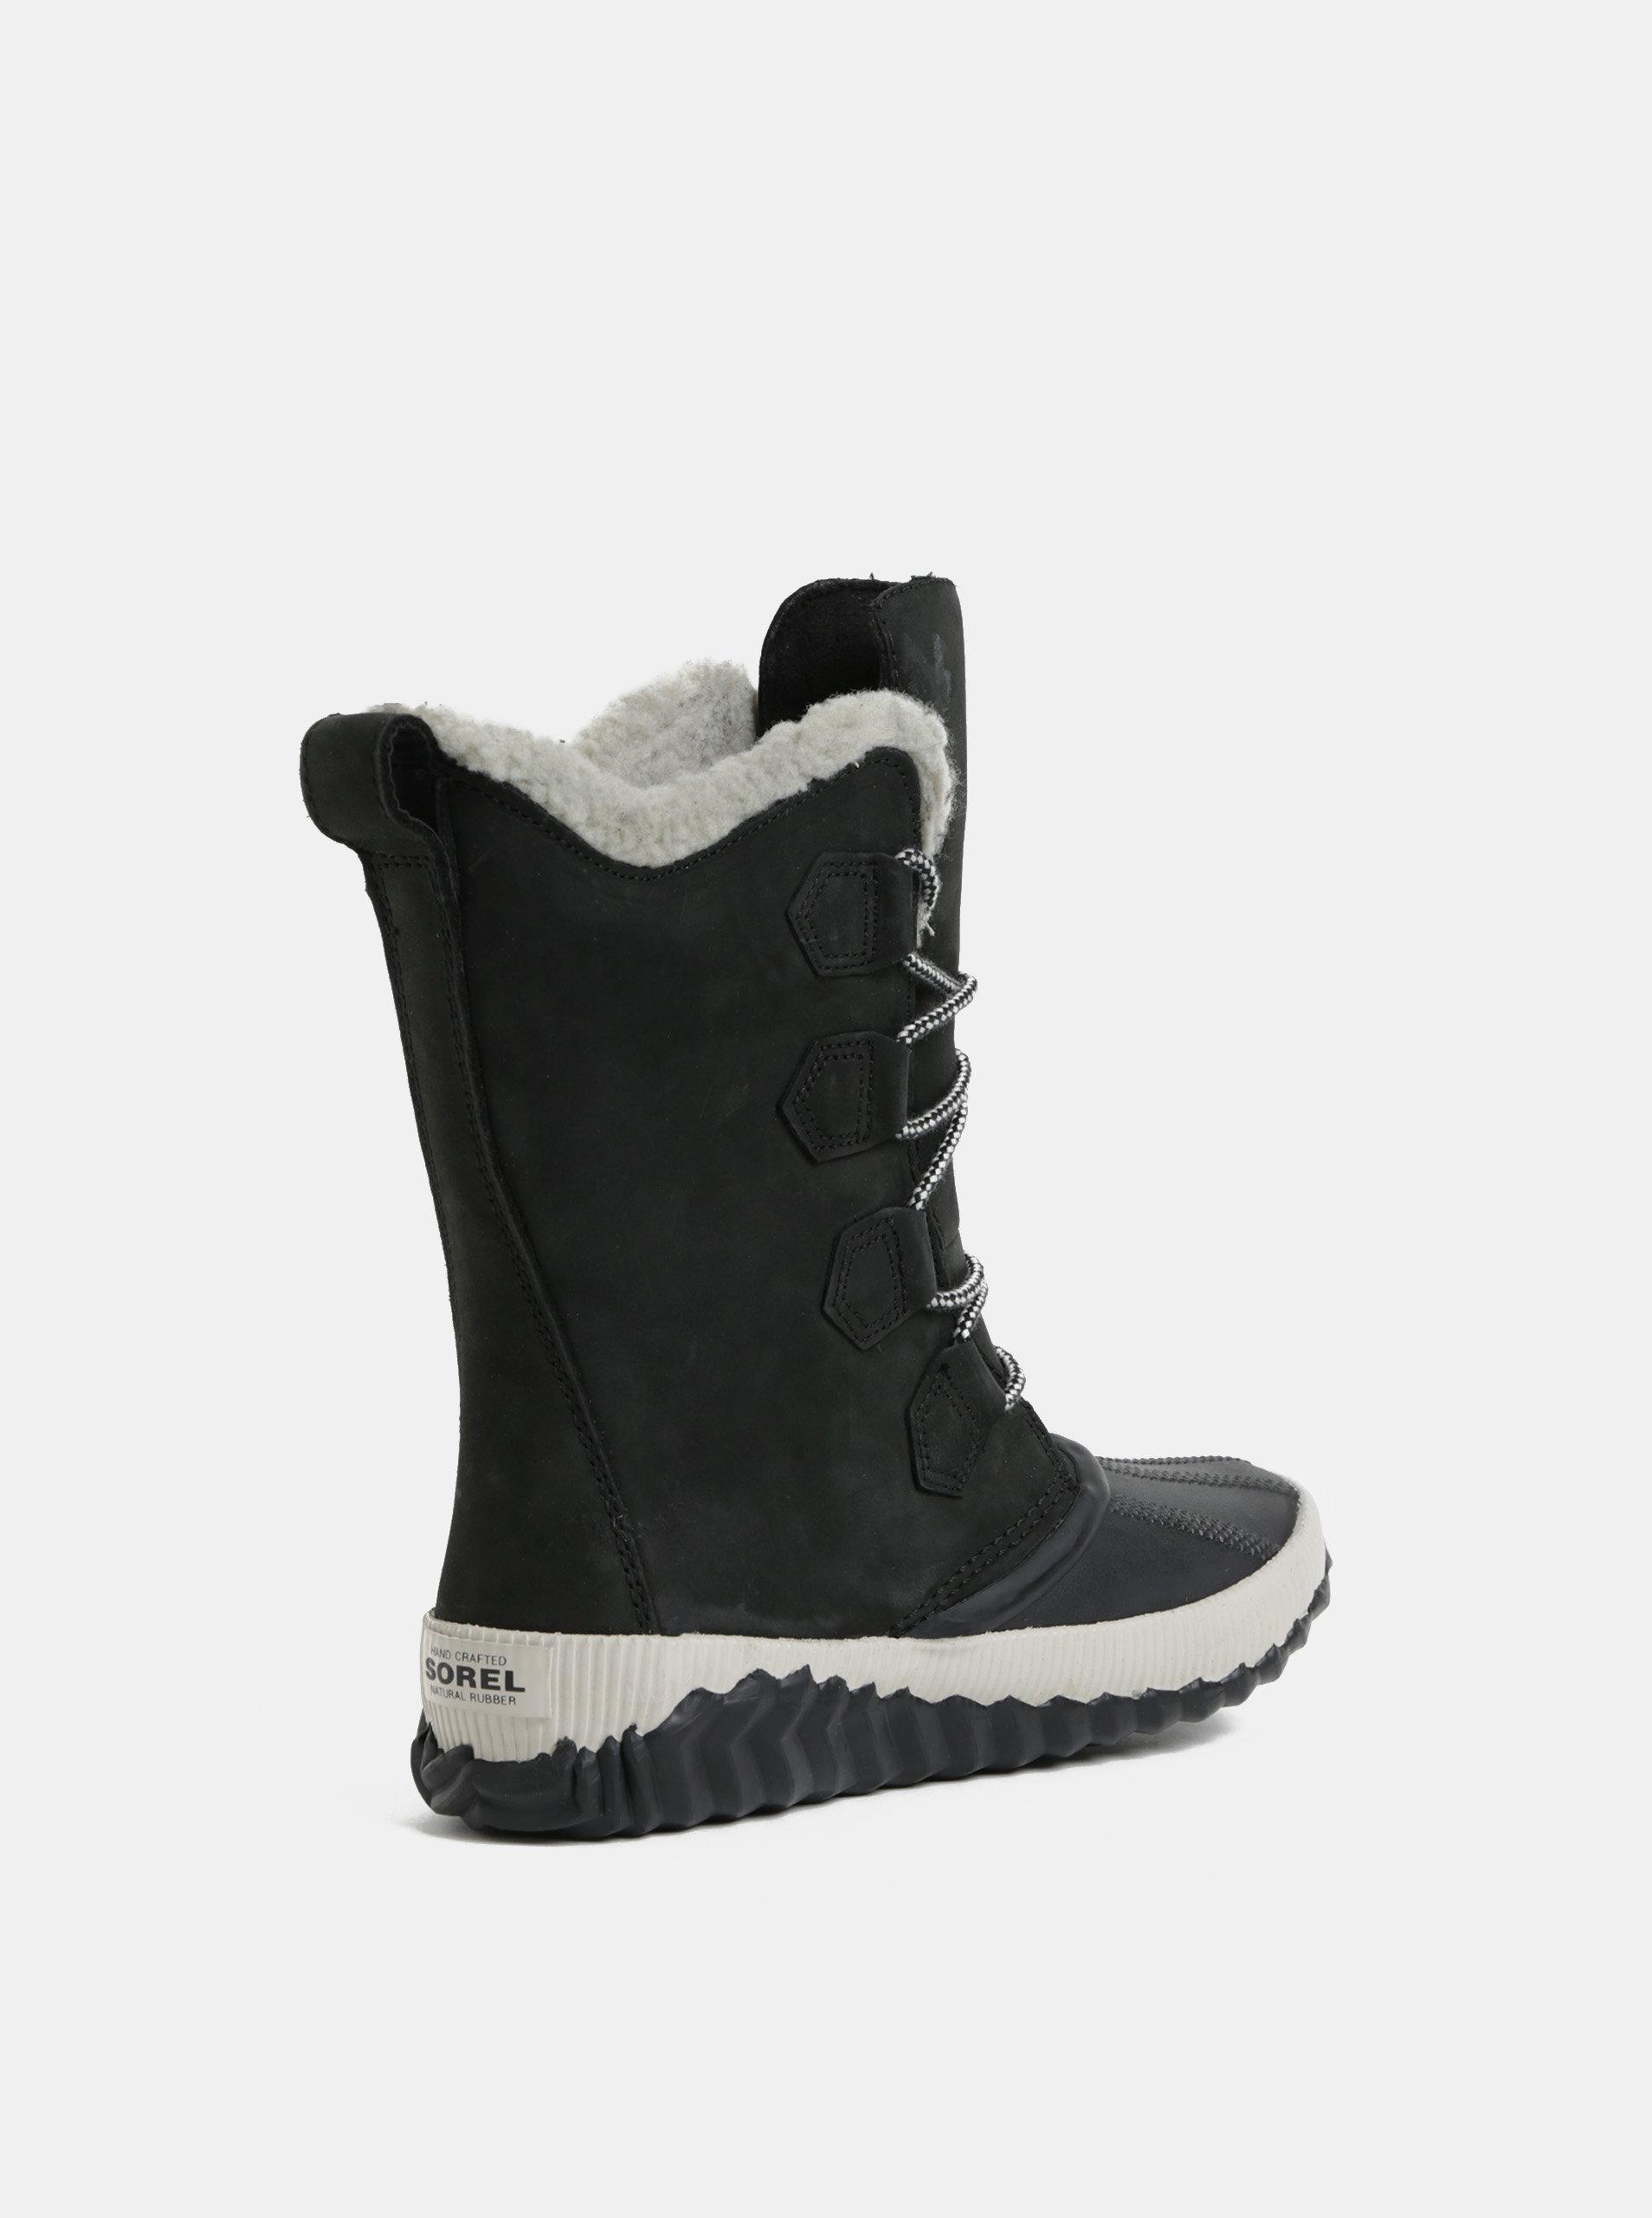 Černé dámské semišové voděodolné zimní boty SOREL Newbie ... bb04a24ad4